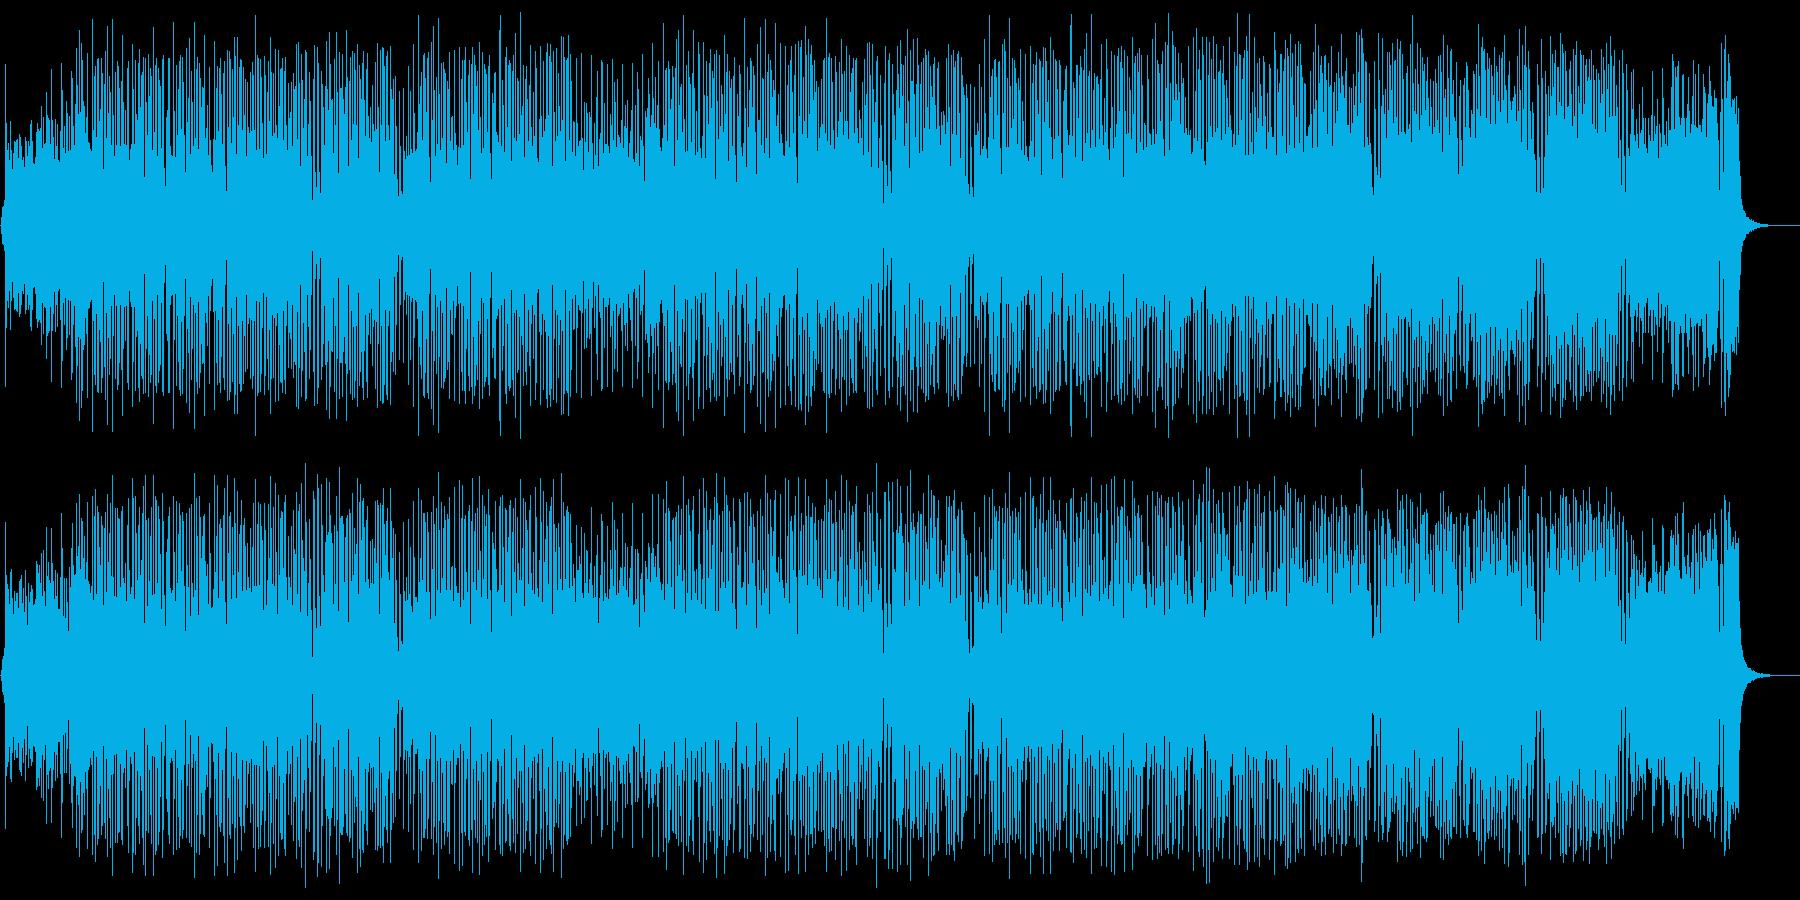 軽快でキャッチーなポップスの再生済みの波形